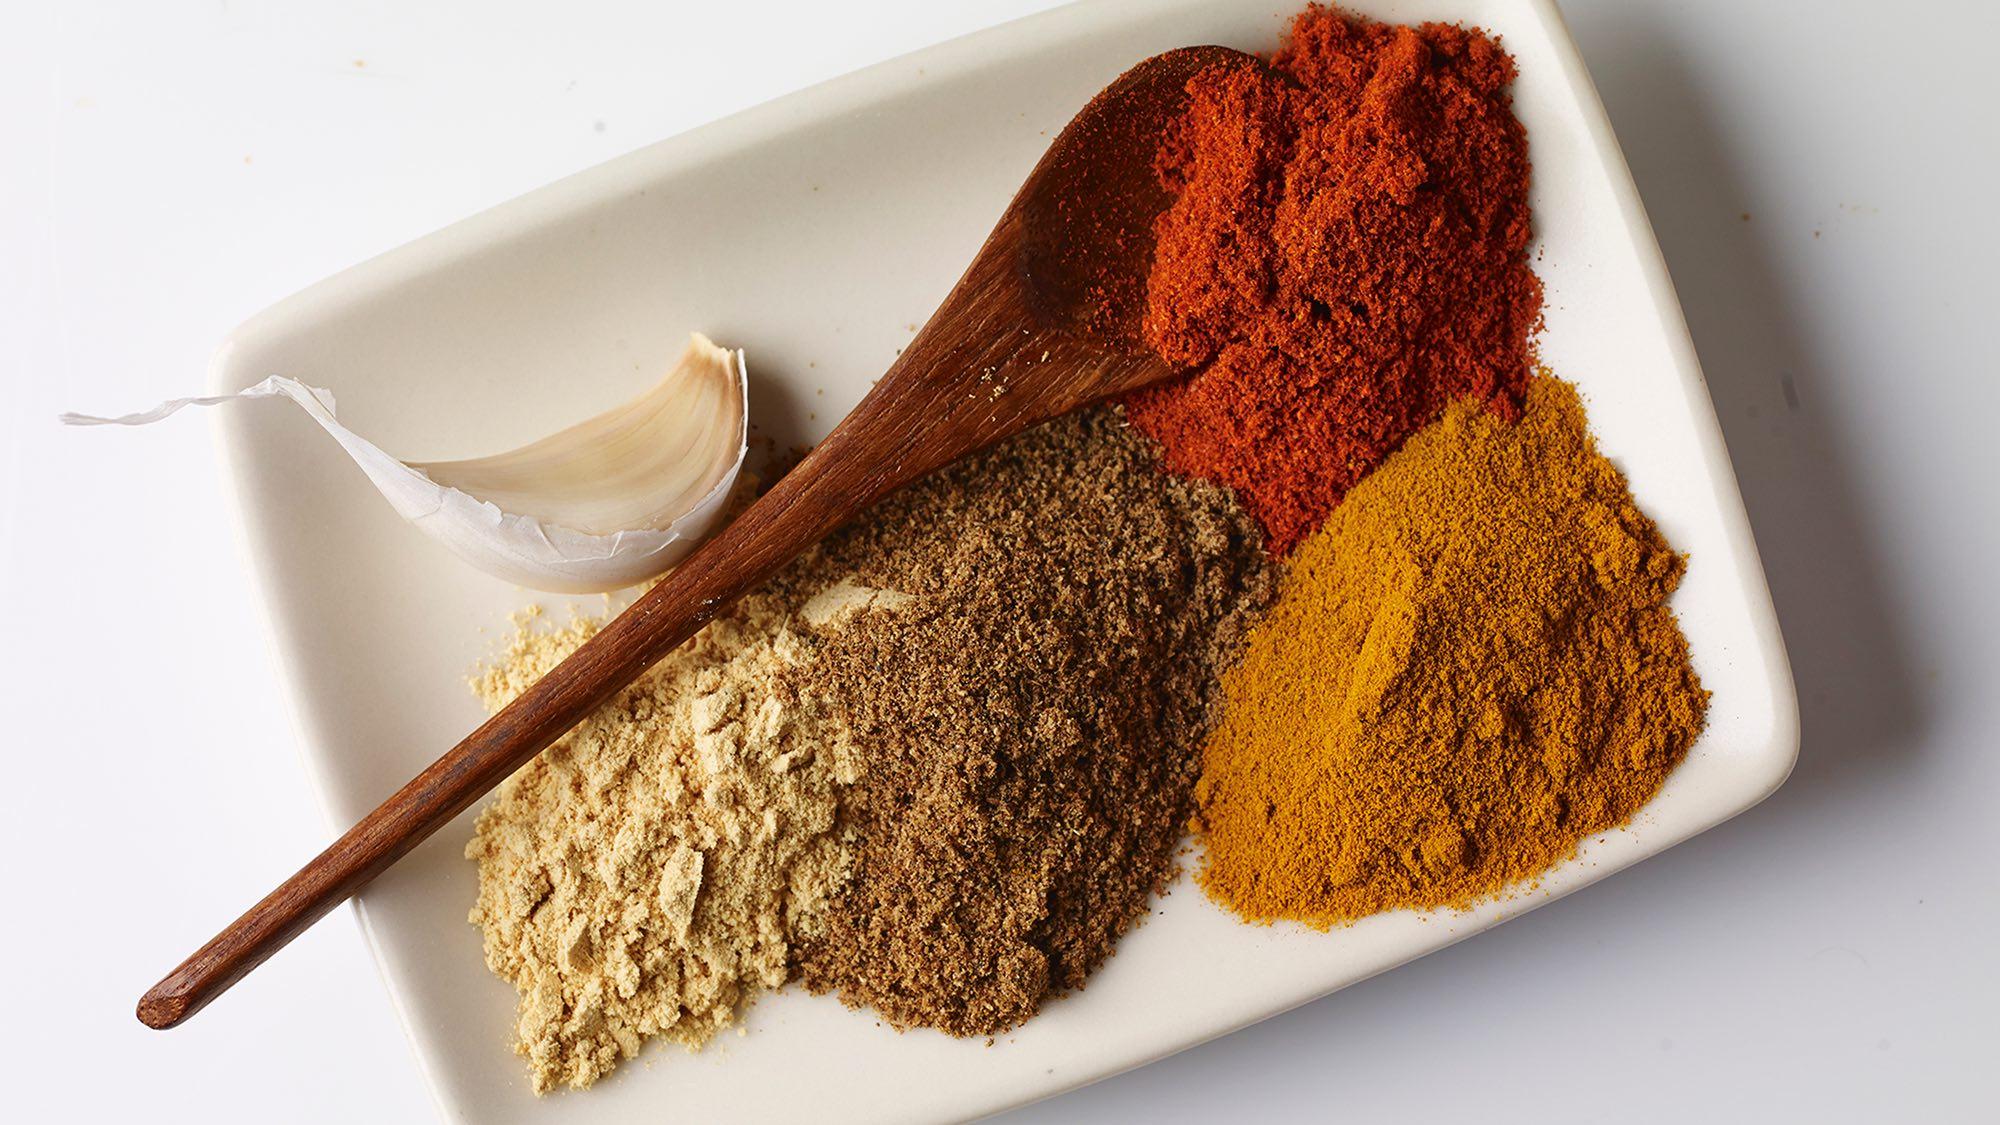 kashmiri-masala-spice-blend.jpg